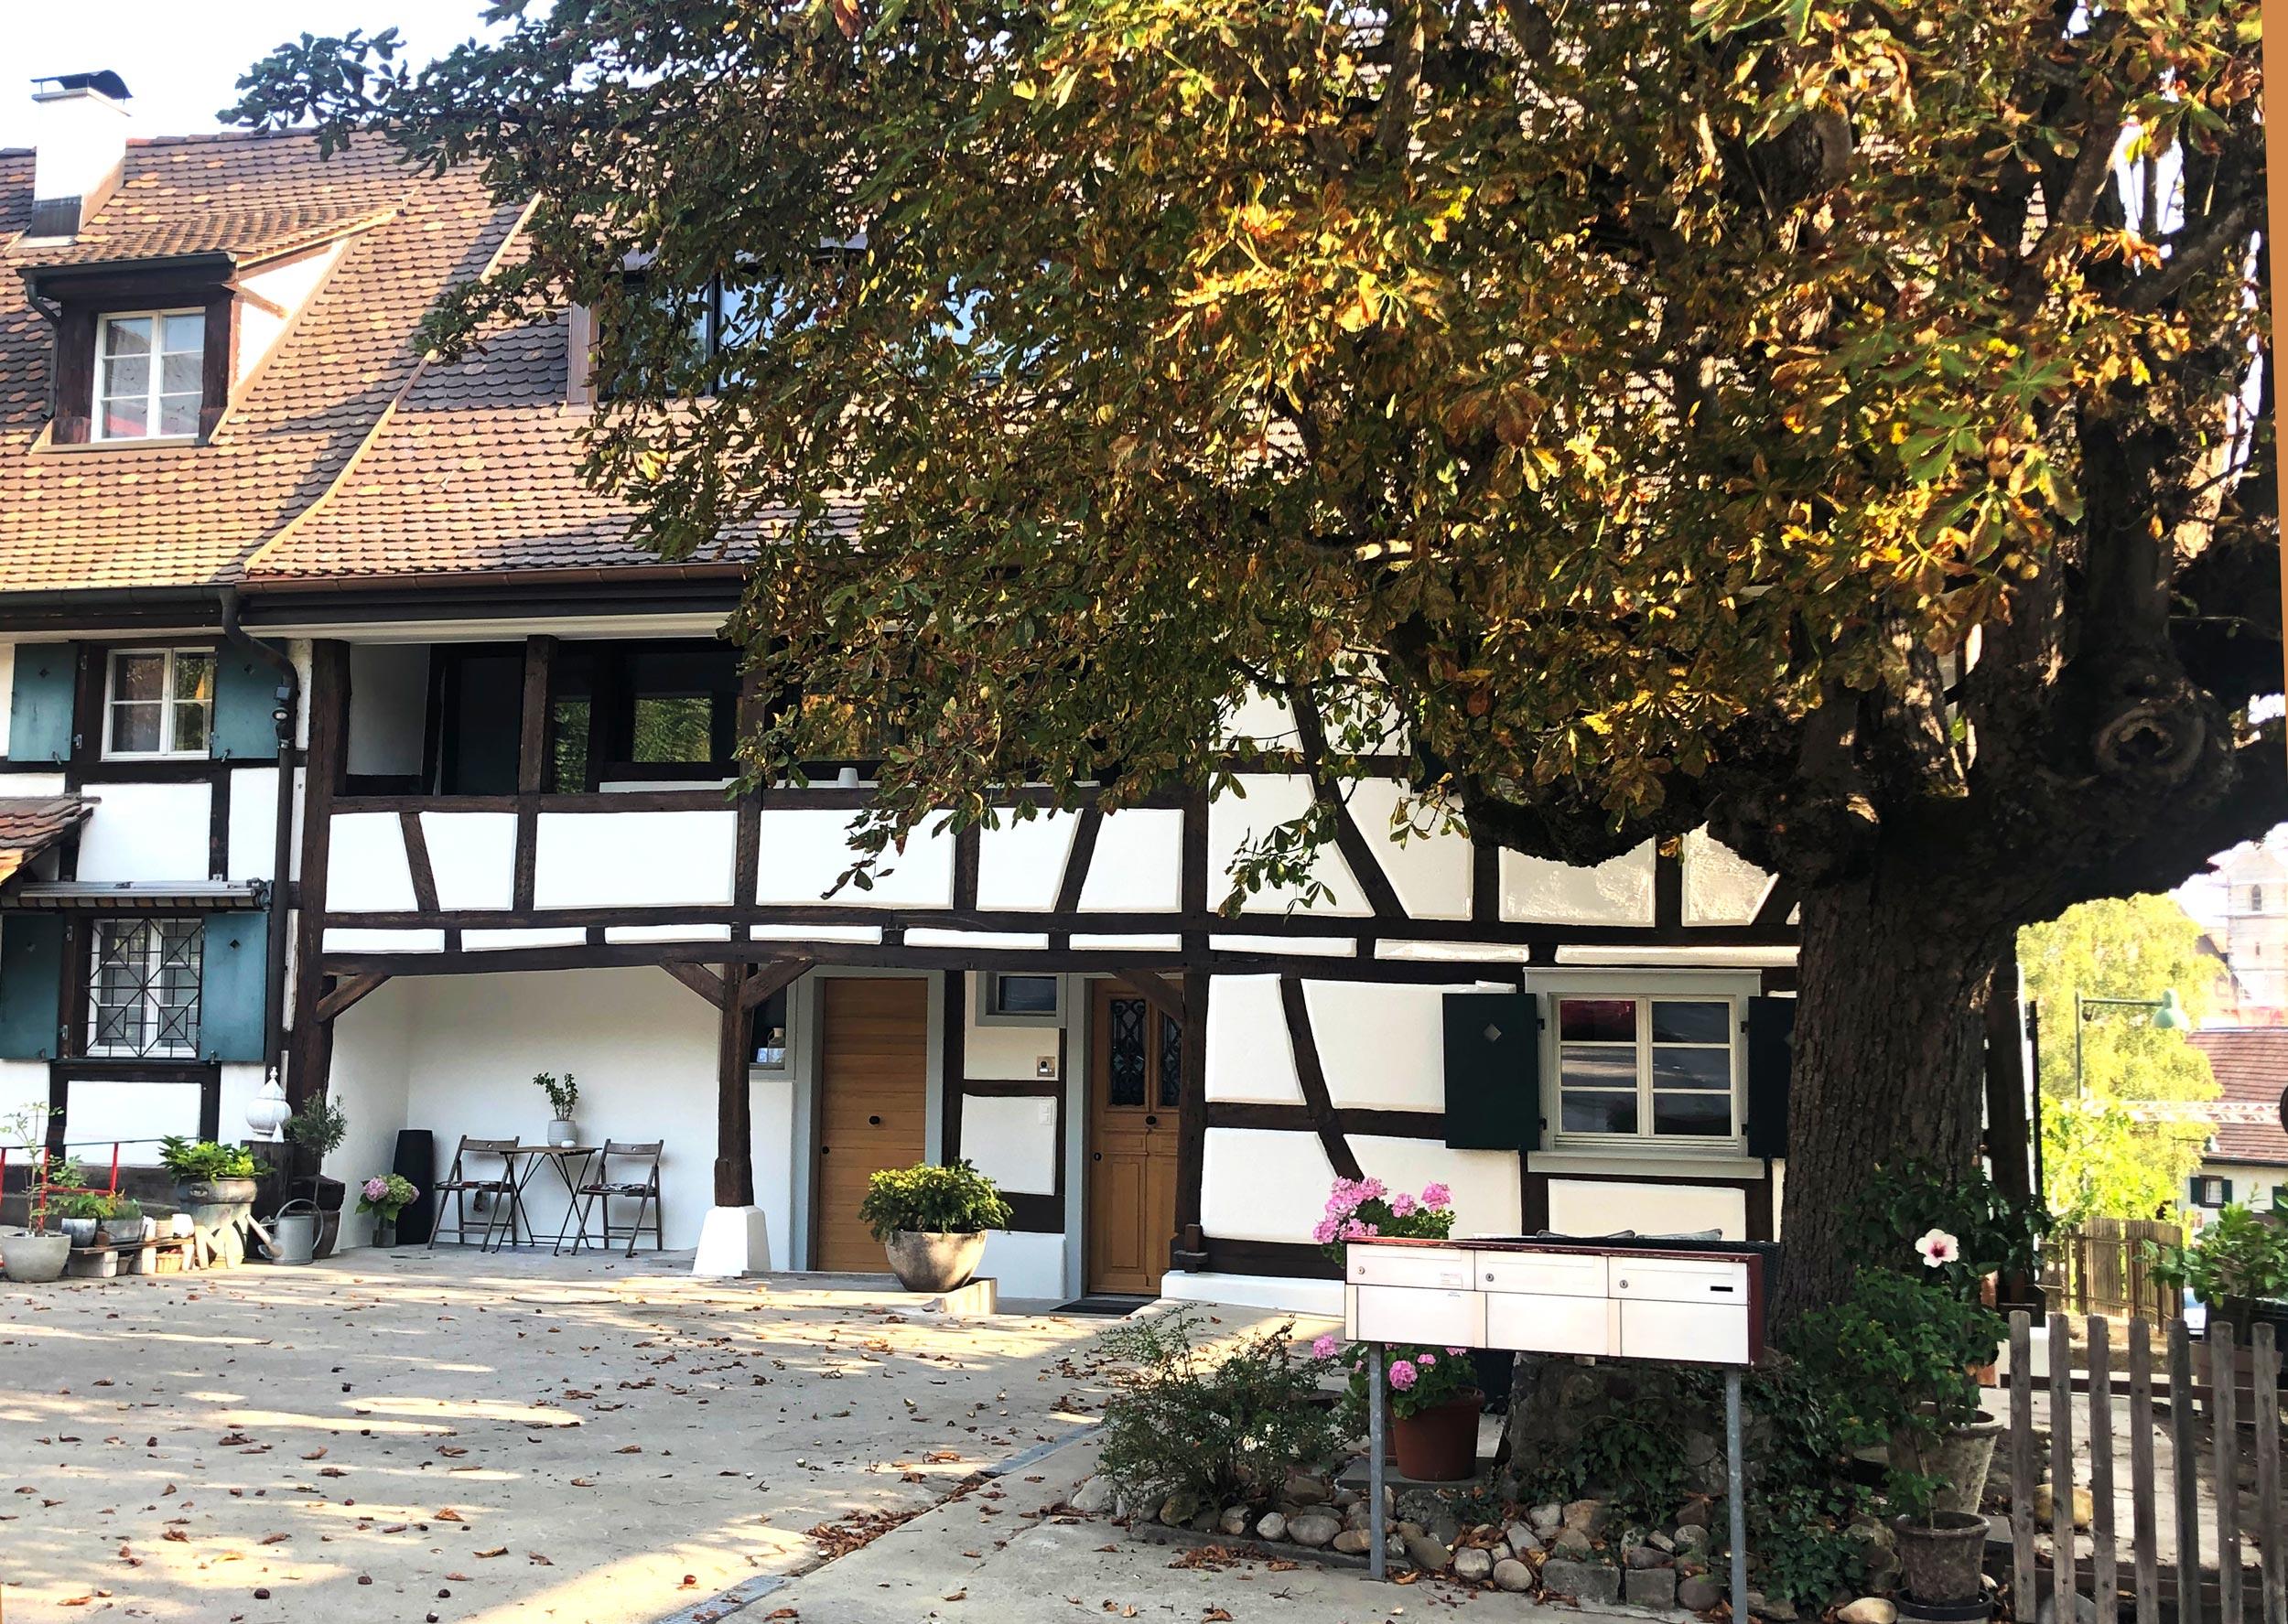 Die bestehende Fassade und typische Erkennungsmerkmale des Fachwerkhauses wurden beibehalten und sanft restauriert.